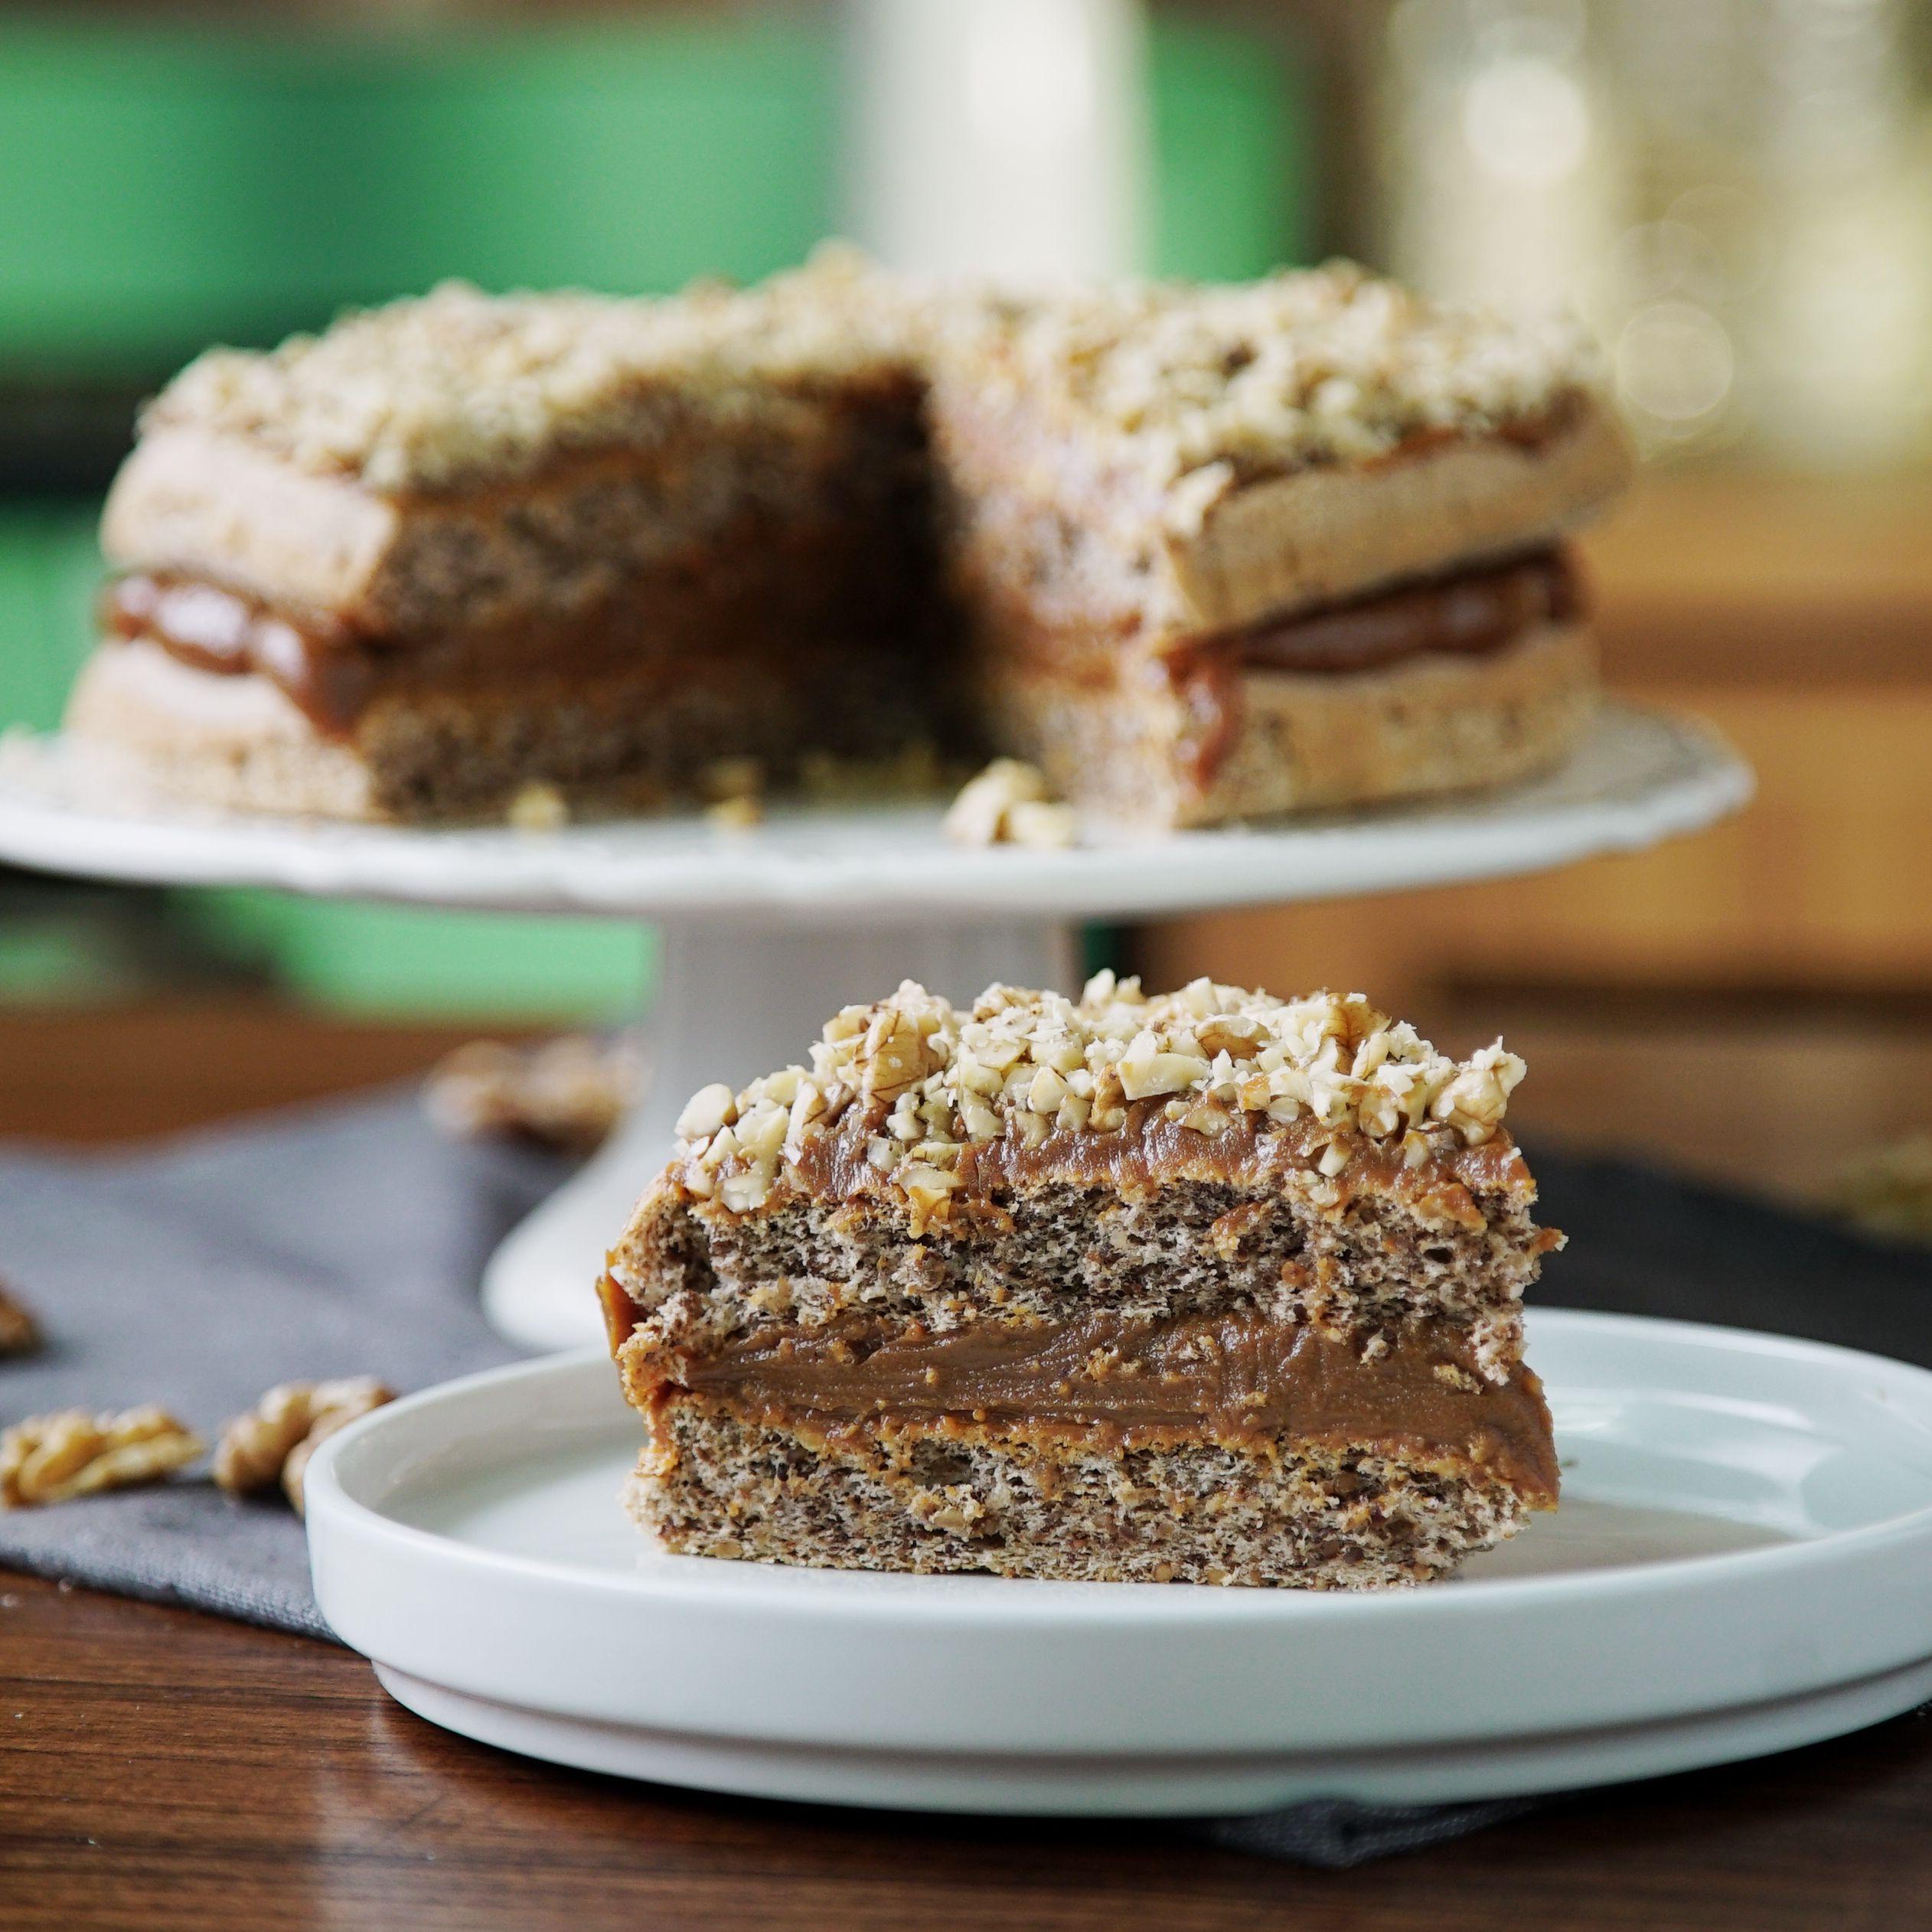 Torta Esponjosa de Dulce de Leche y Nuez